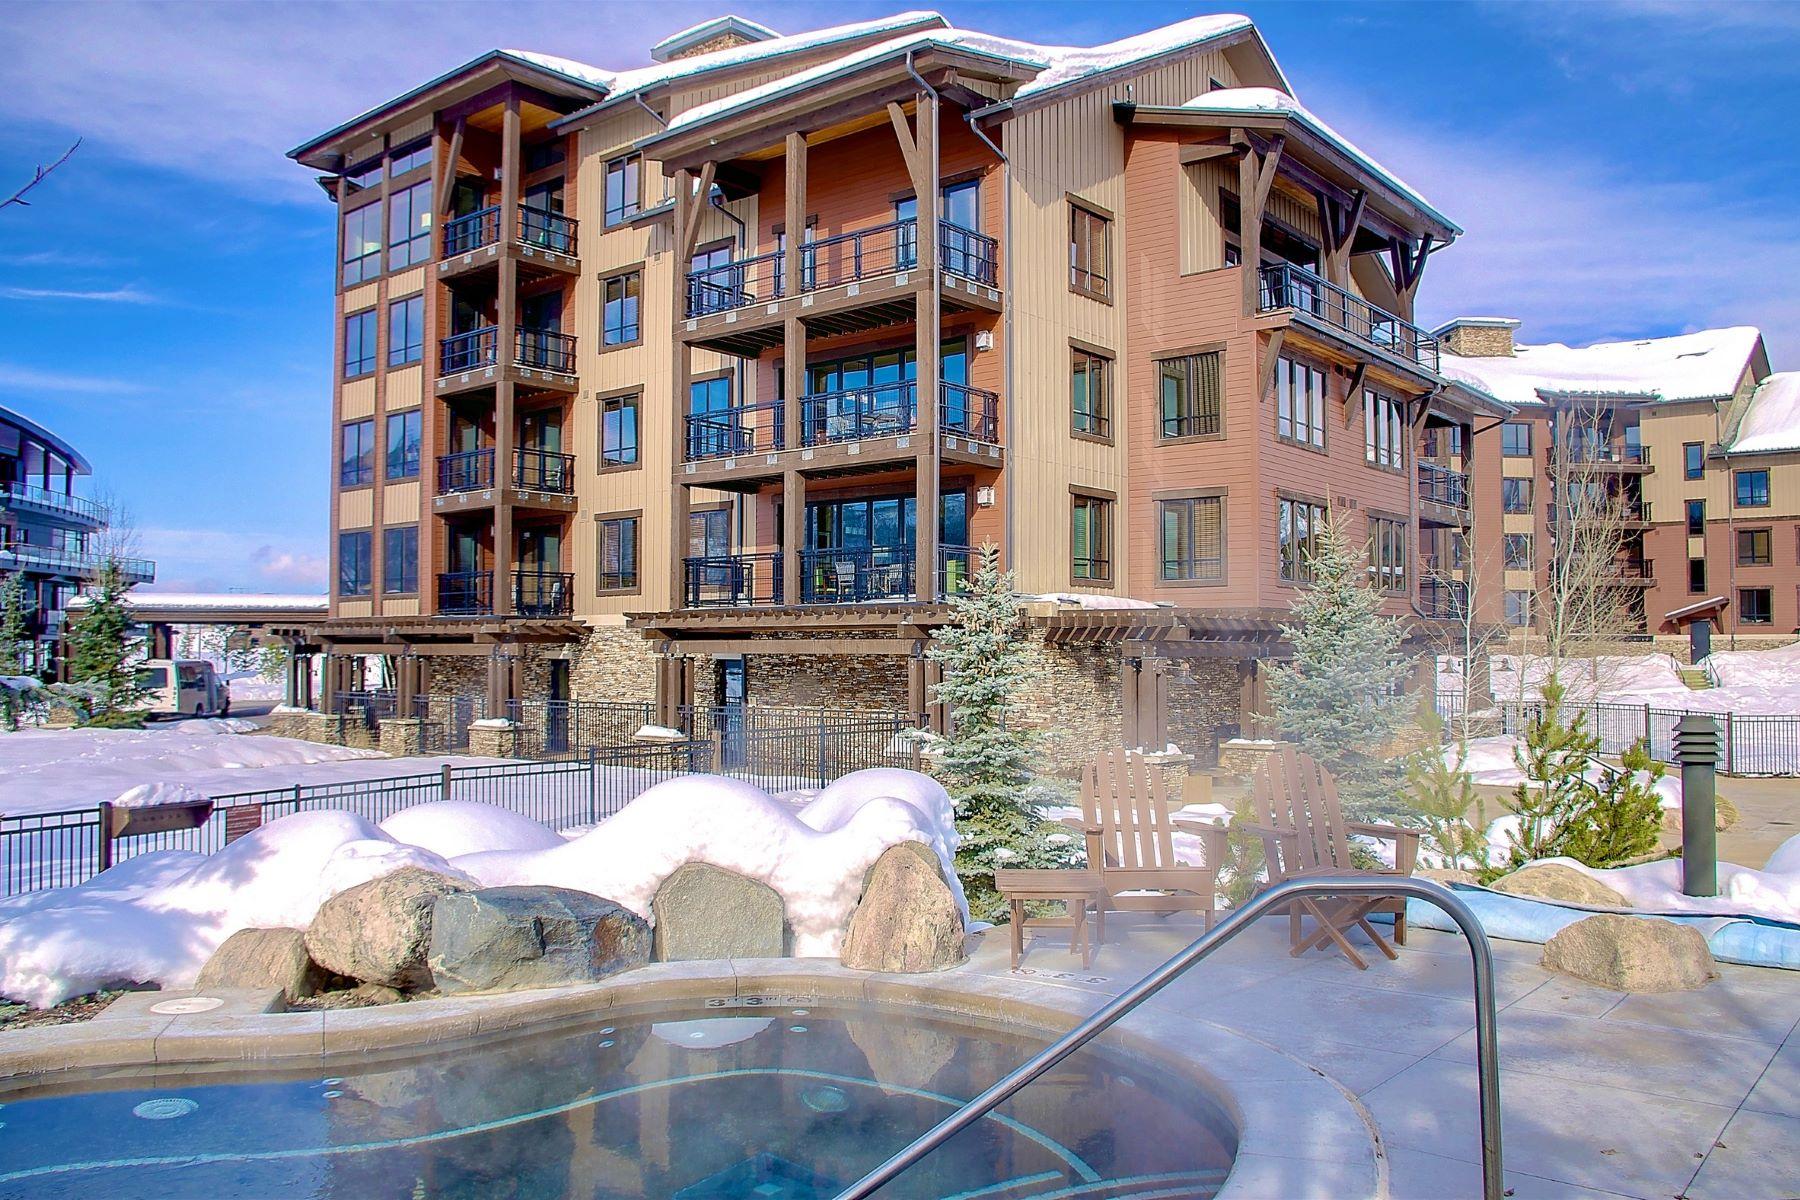 Einfamilienhaus für Verkauf beim Exquisite Luxury Condo 1175 Bangtail Way #2115 Steamboat Springs, Colorado, 80487 Vereinigte Staaten